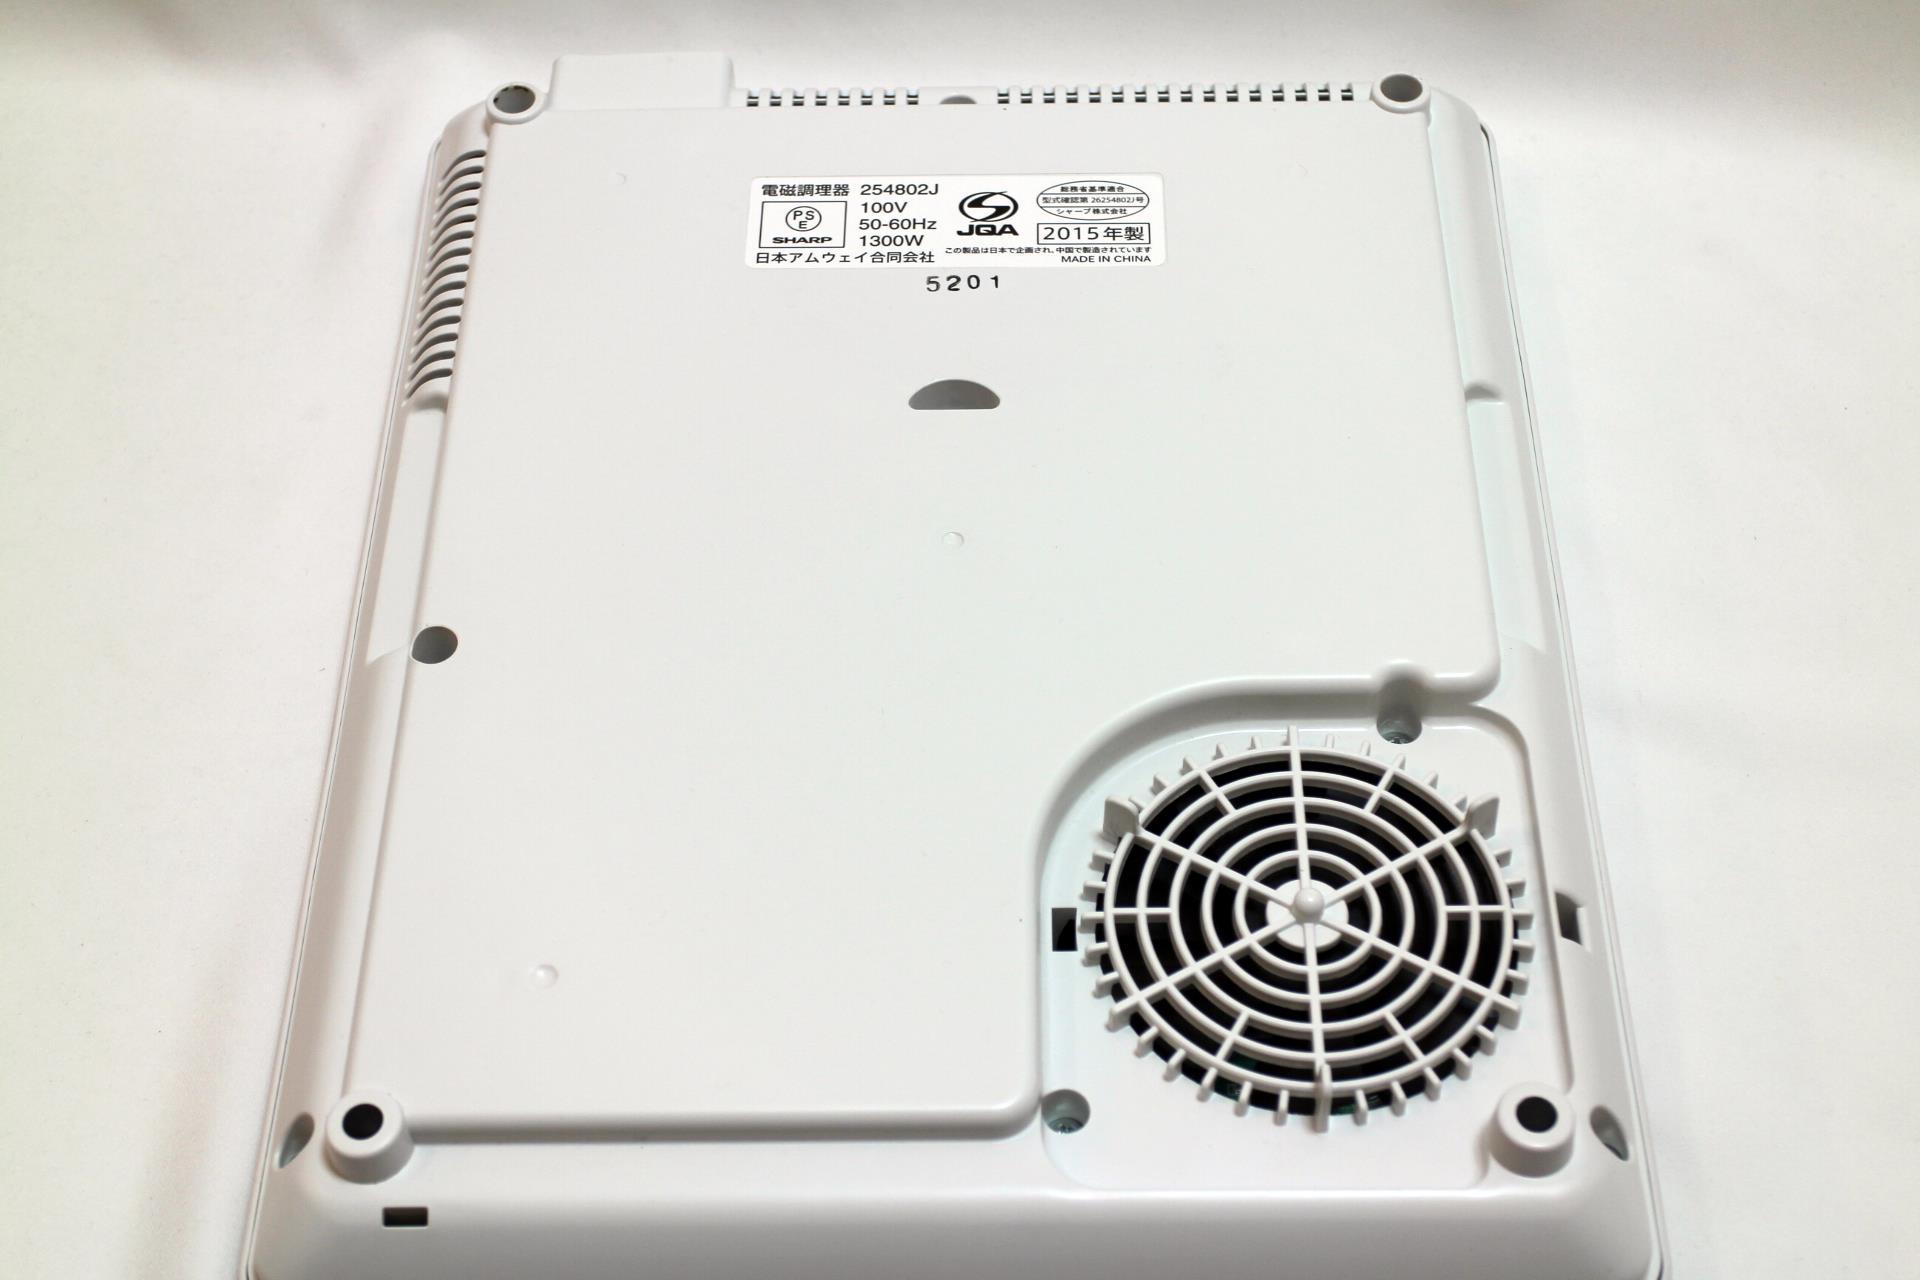 Amway 電磁調理器 254802J3